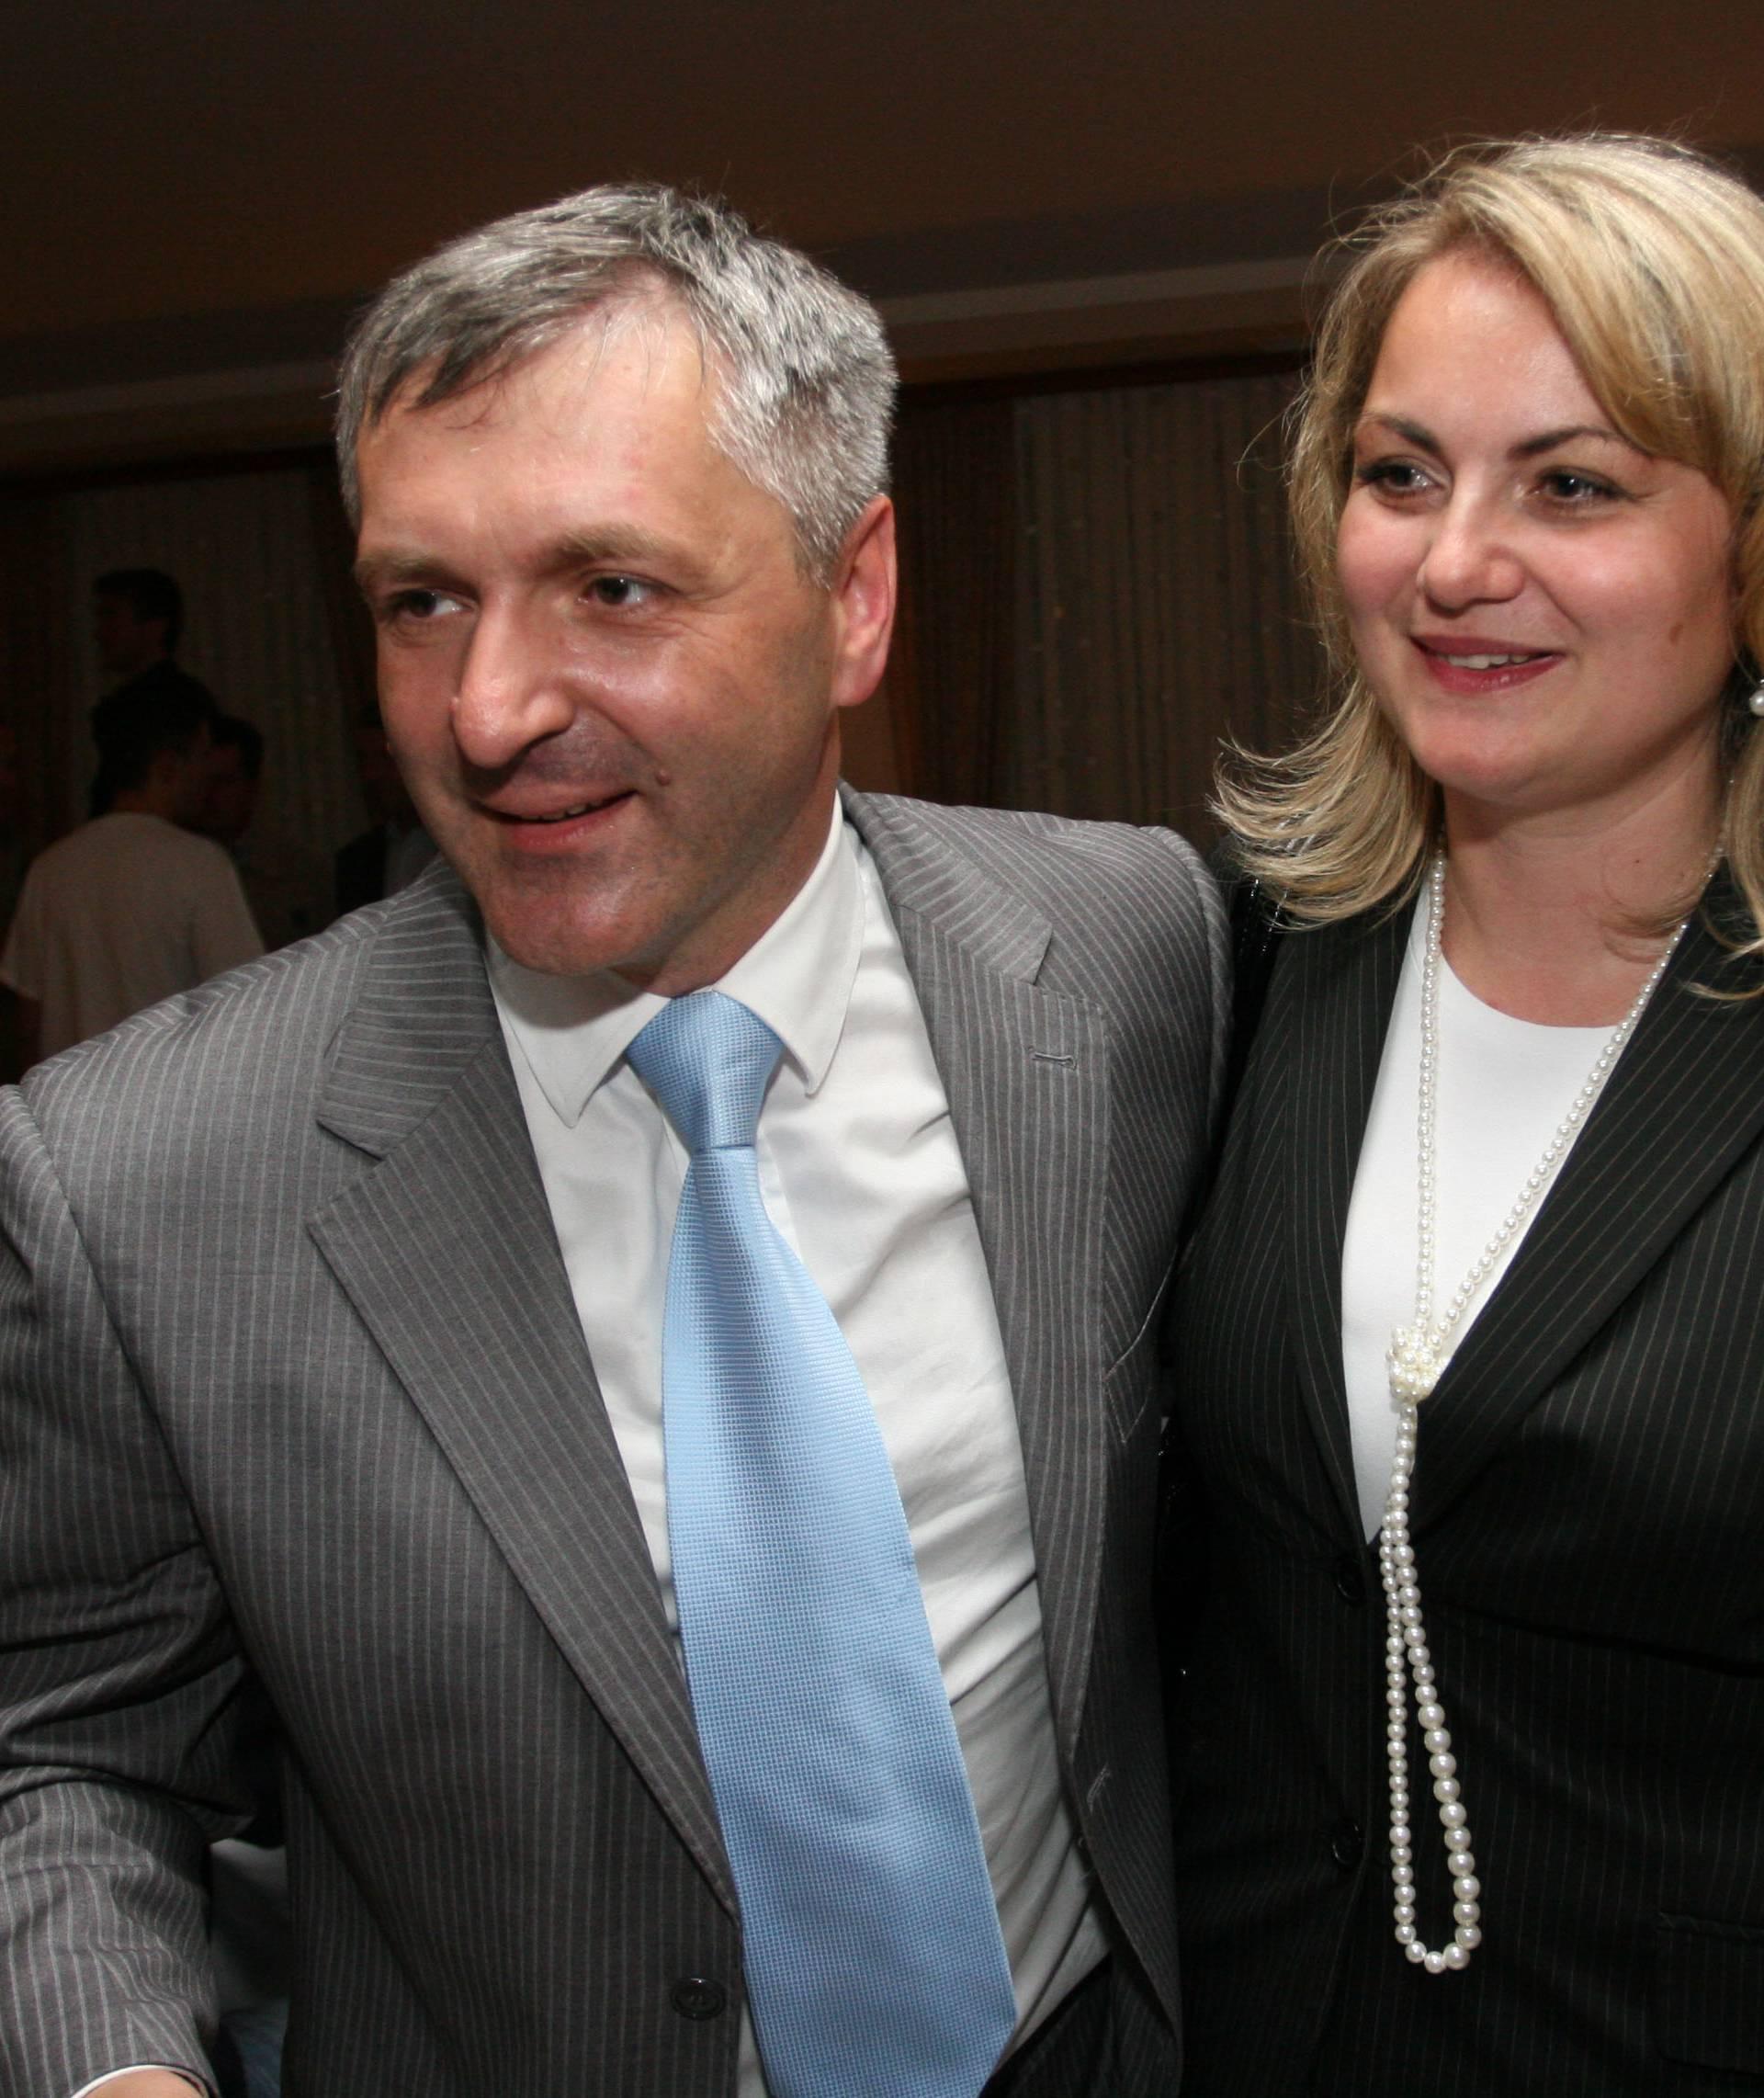 Vrijedi 201.000 kn: Barišići su kupili i prijavili crni Mercedes